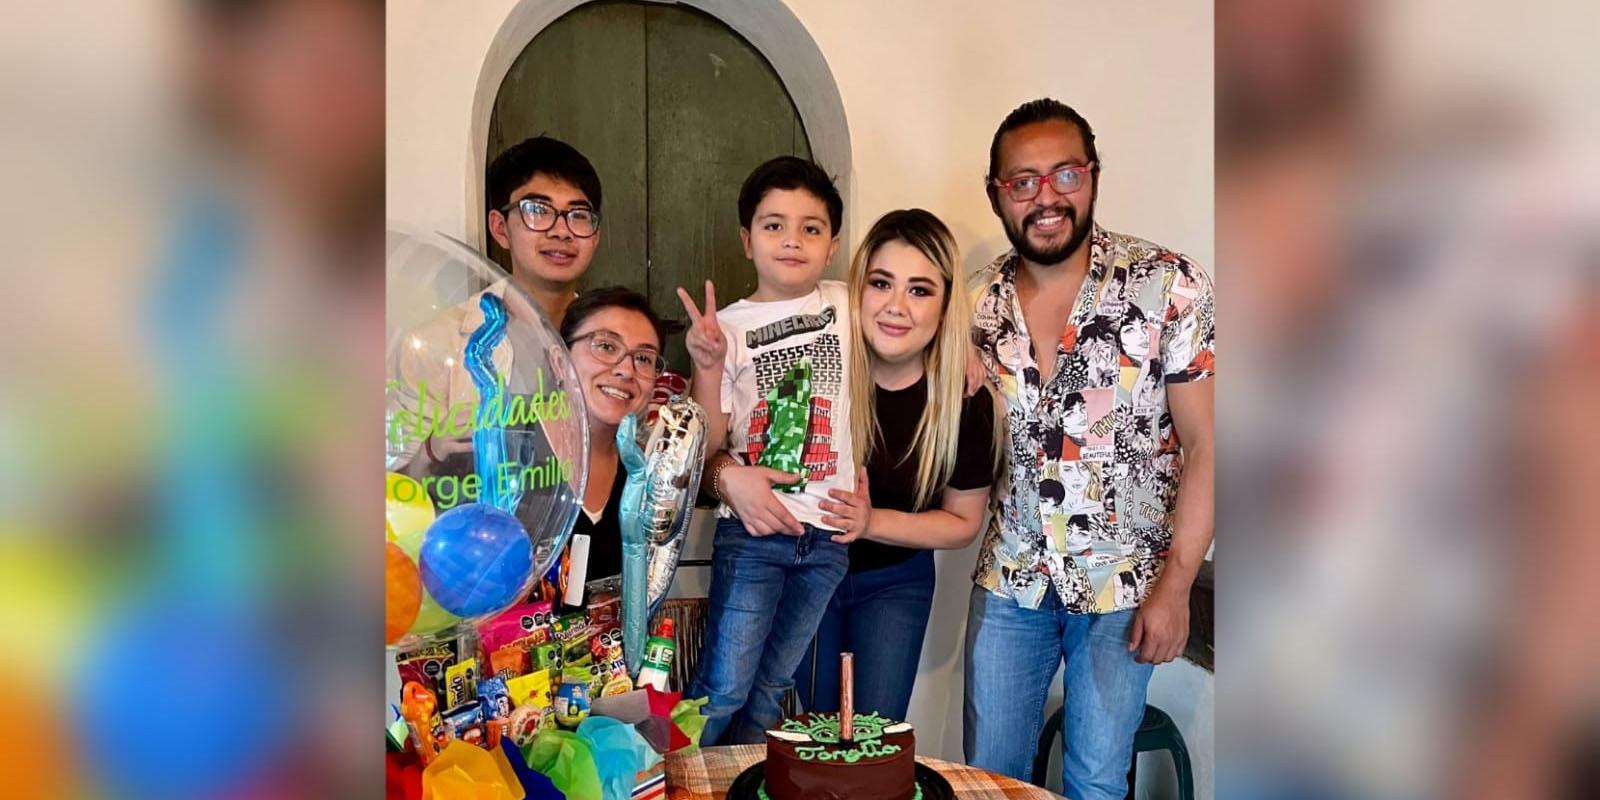 Dulce festejos para Emilio   El Imparcial de Oaxaca